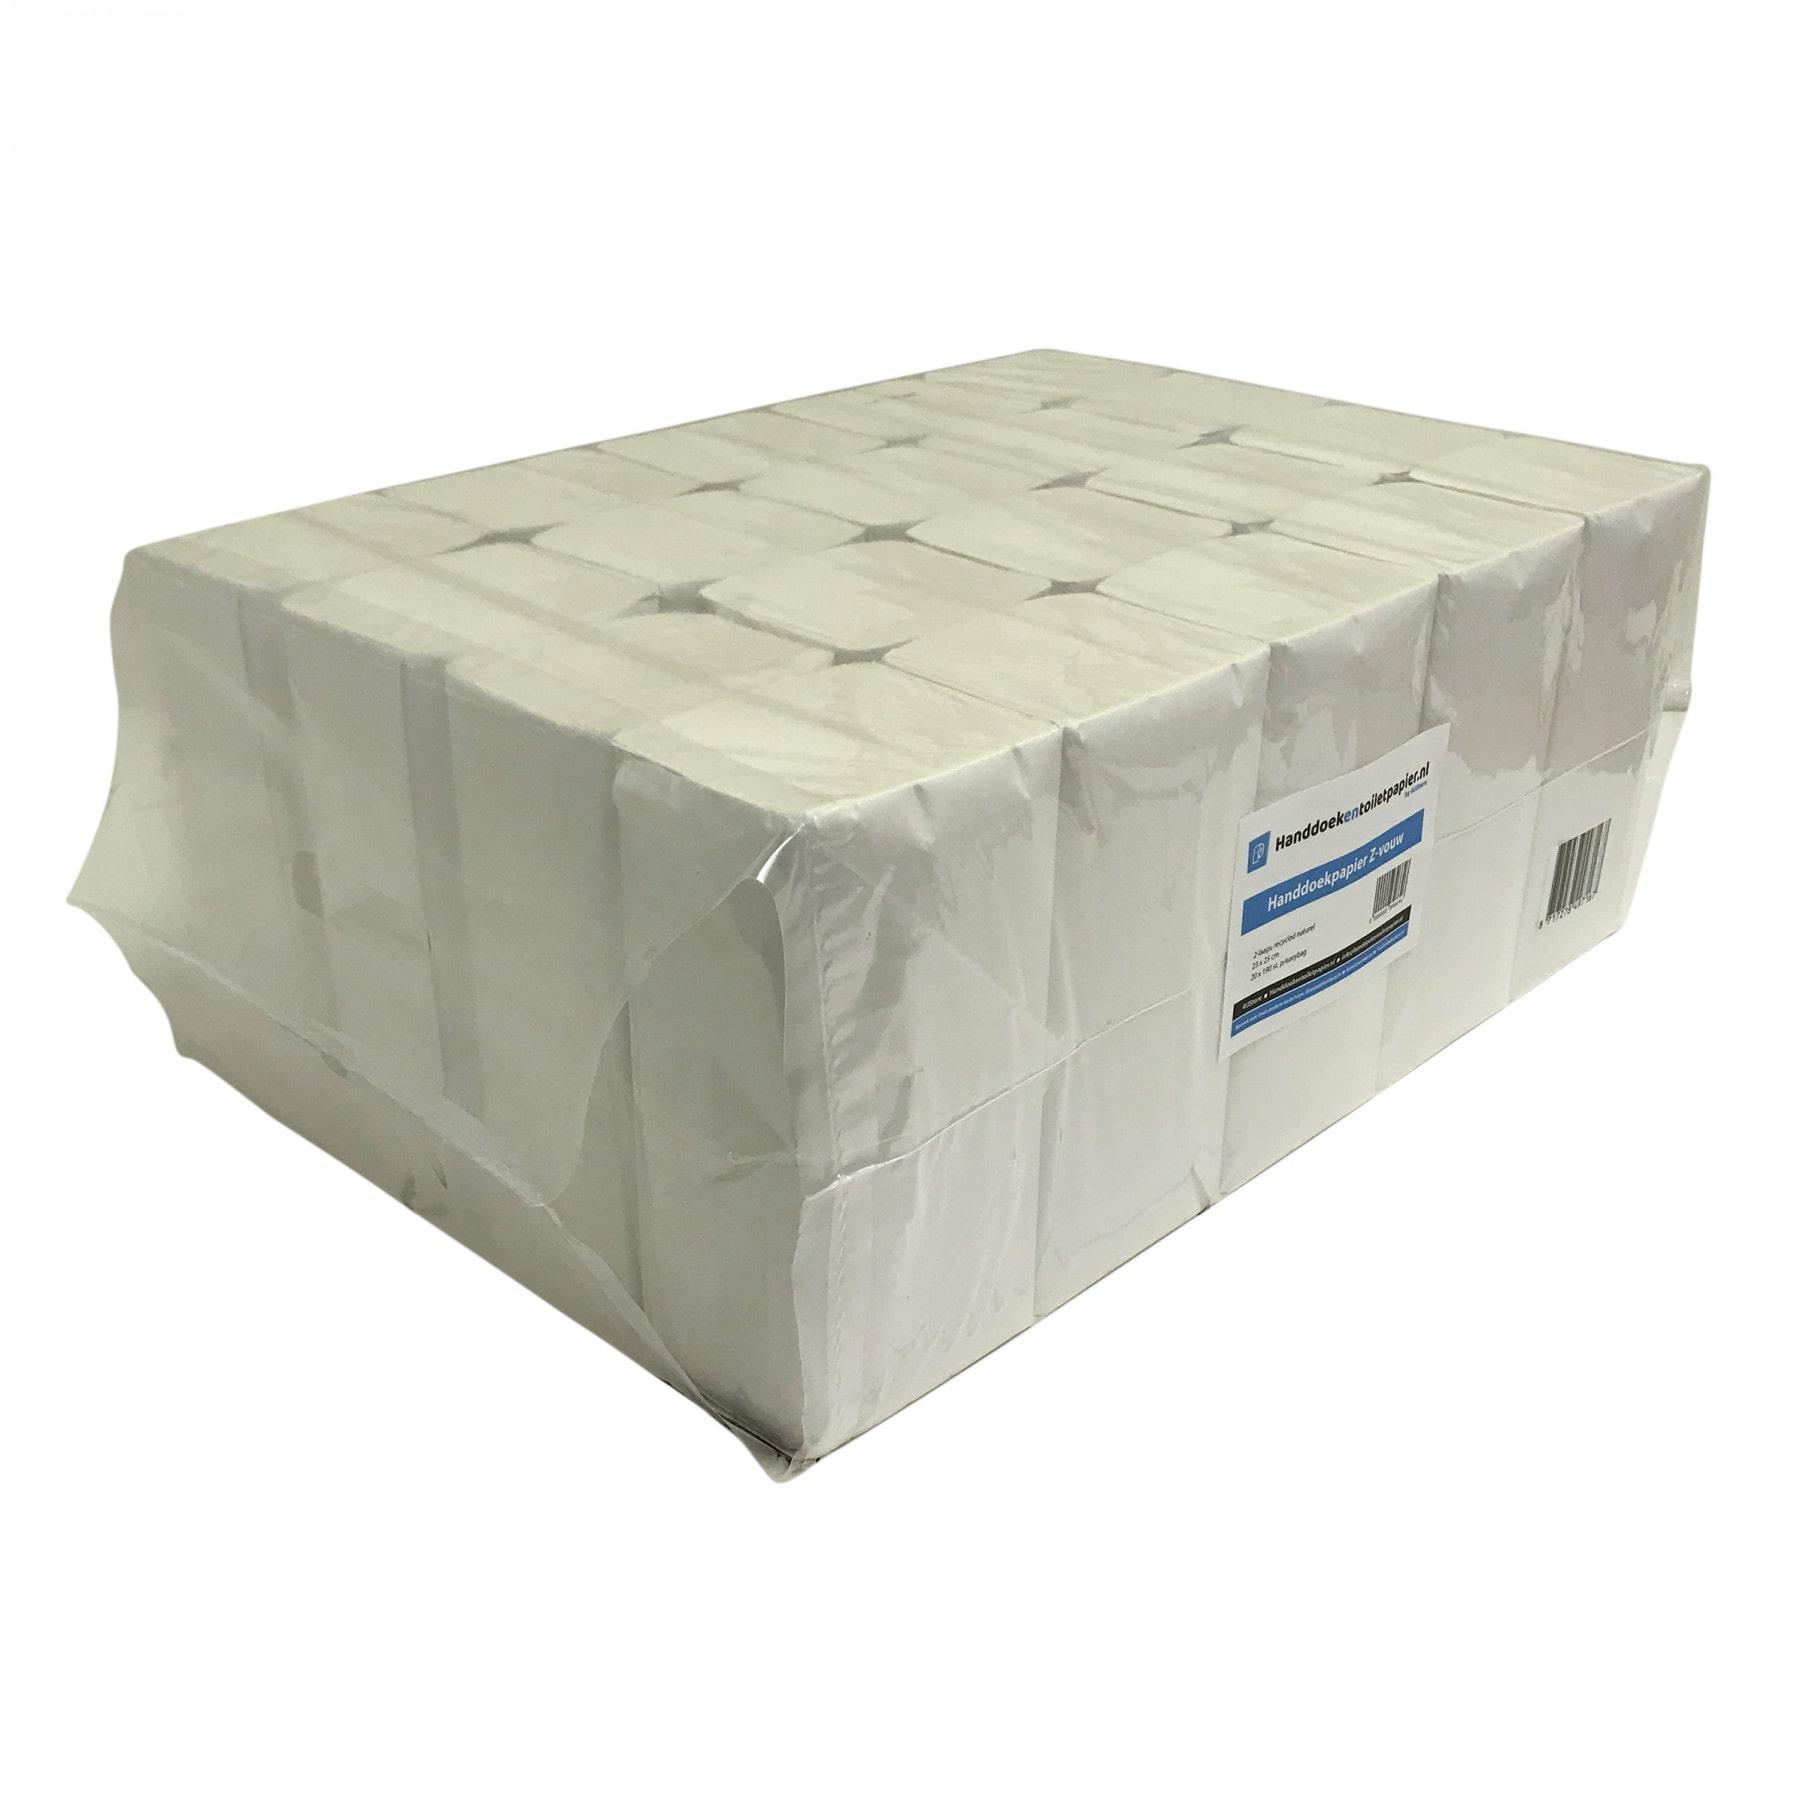 4UStore | Z-vouwhanddoekjes | 2-laags recycled | 3800 stuks